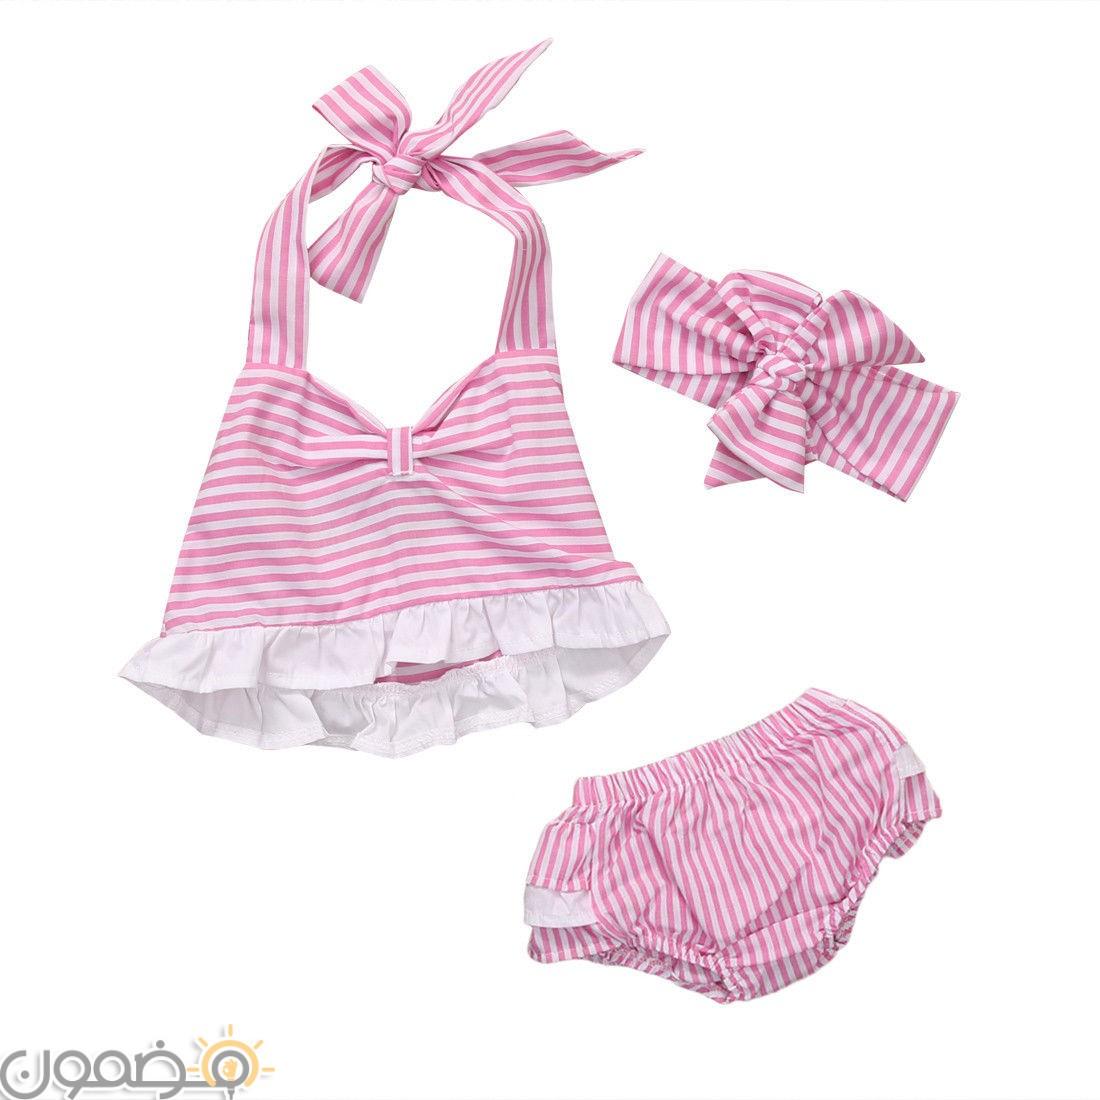 ملابس بنات صغار للصيف 8 ملابس بنات صغار للصيف